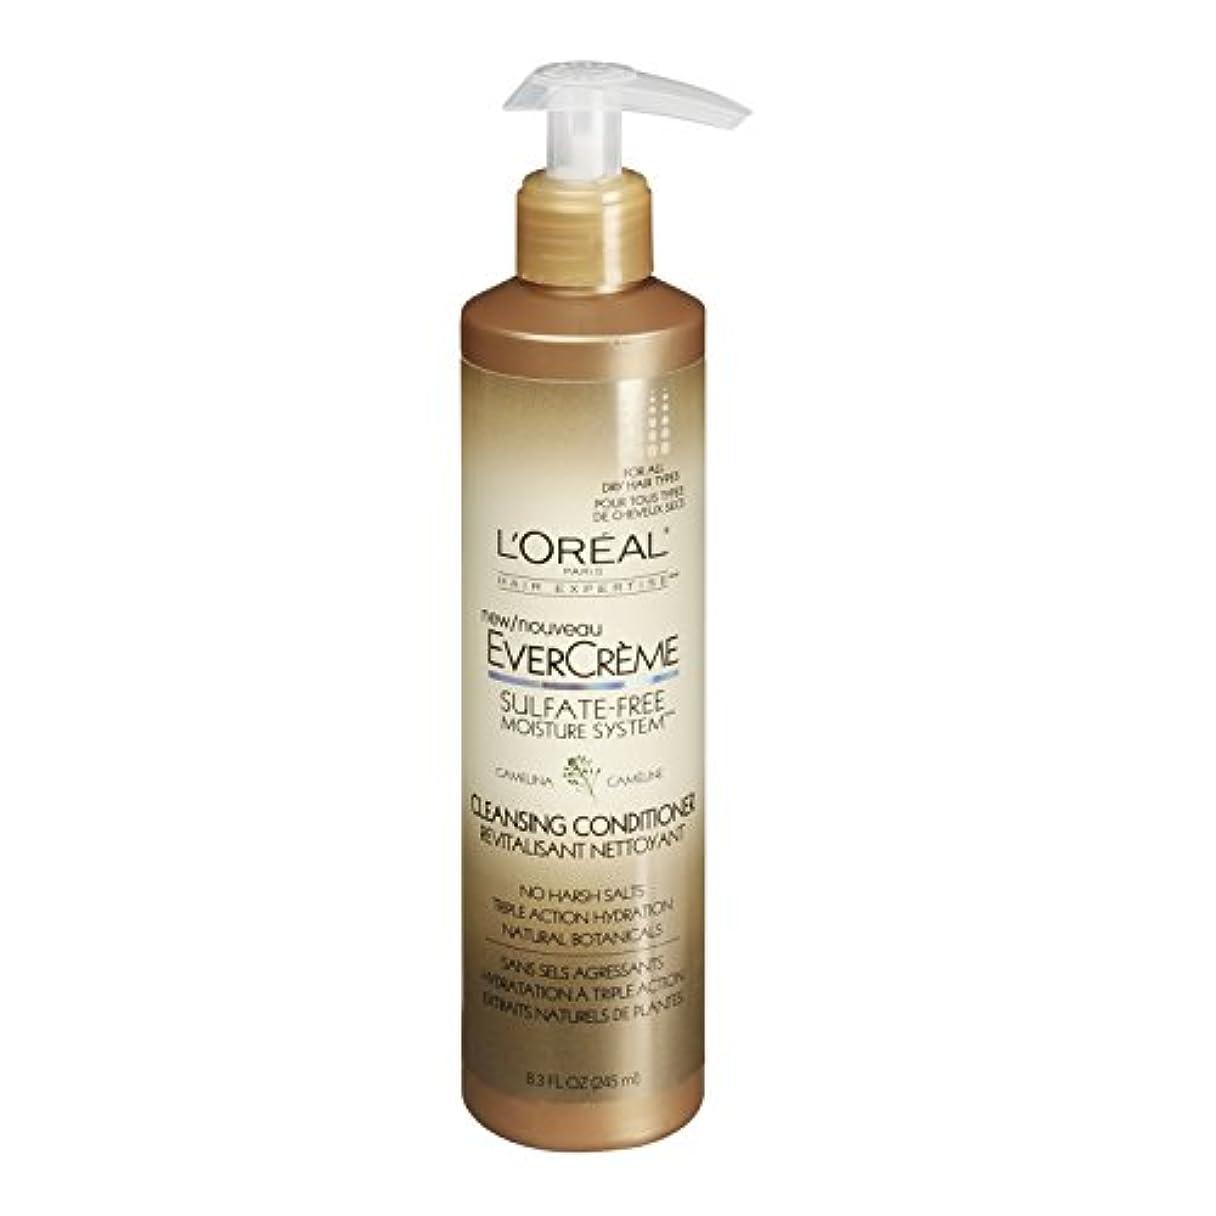 報酬鳴らす前件L'Oreal Paris EverCreme Sulfate-Free Moisture System Cleansing Conditioner, 8.3 fl. Oz. by L'Oreal Paris Hair...